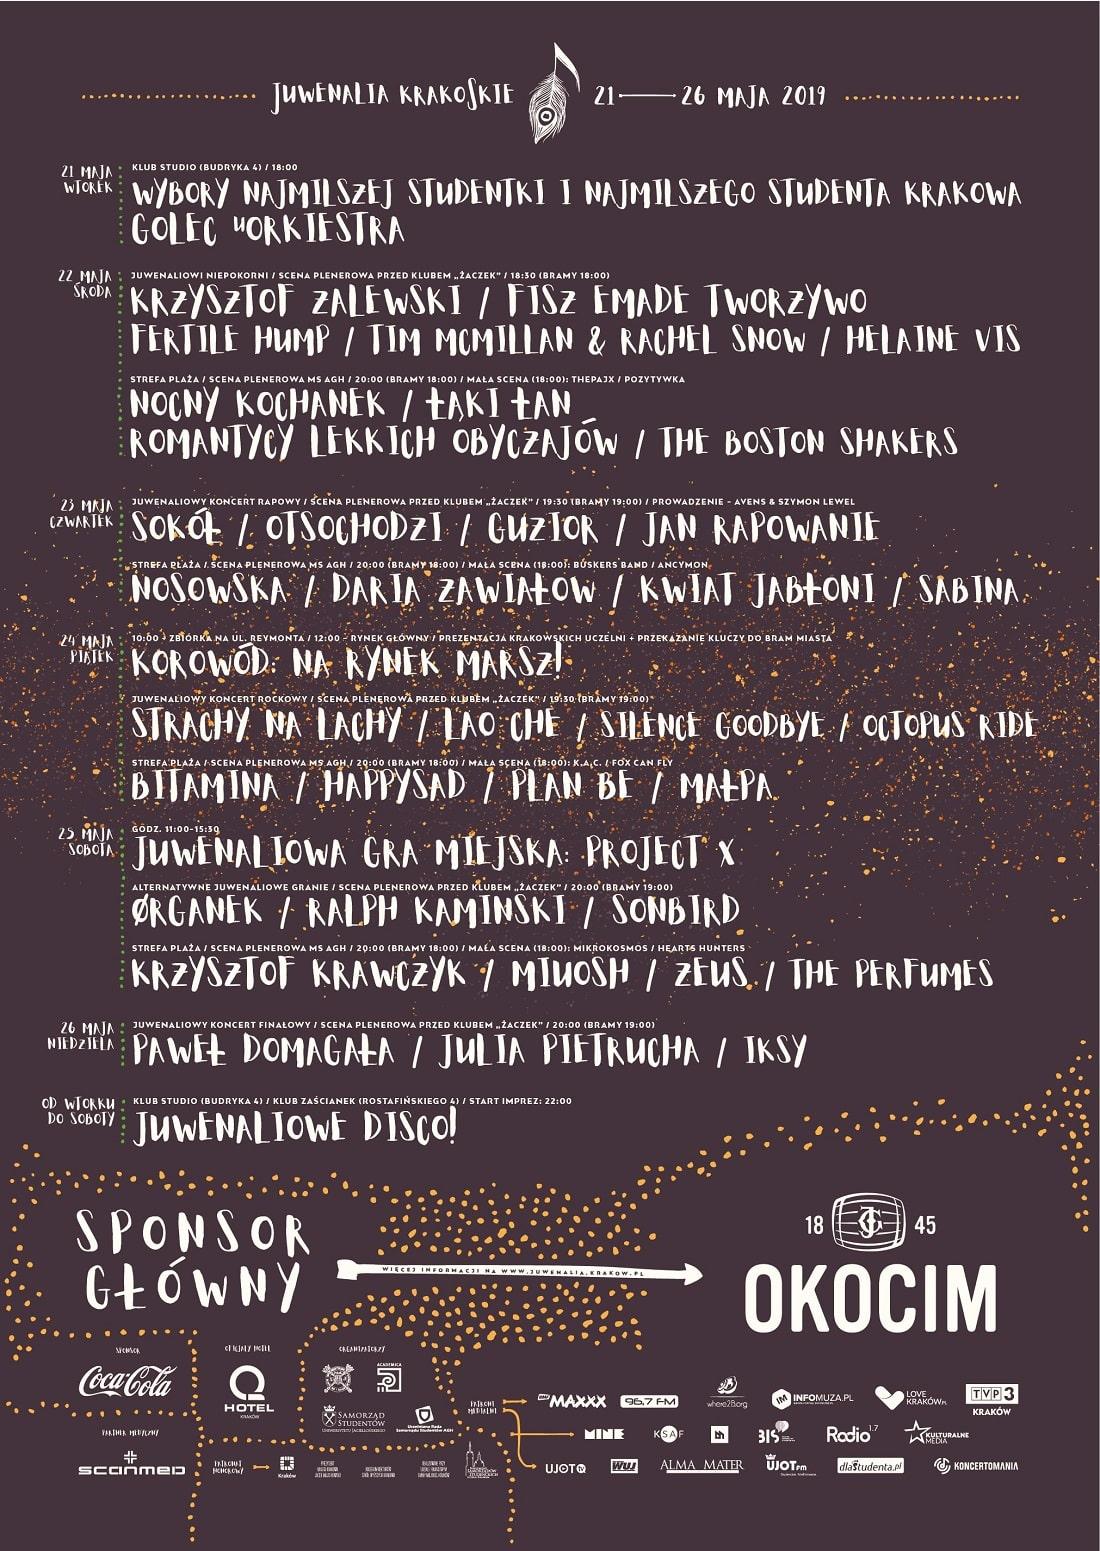 Juwenalia krakowskie 2019 plakat